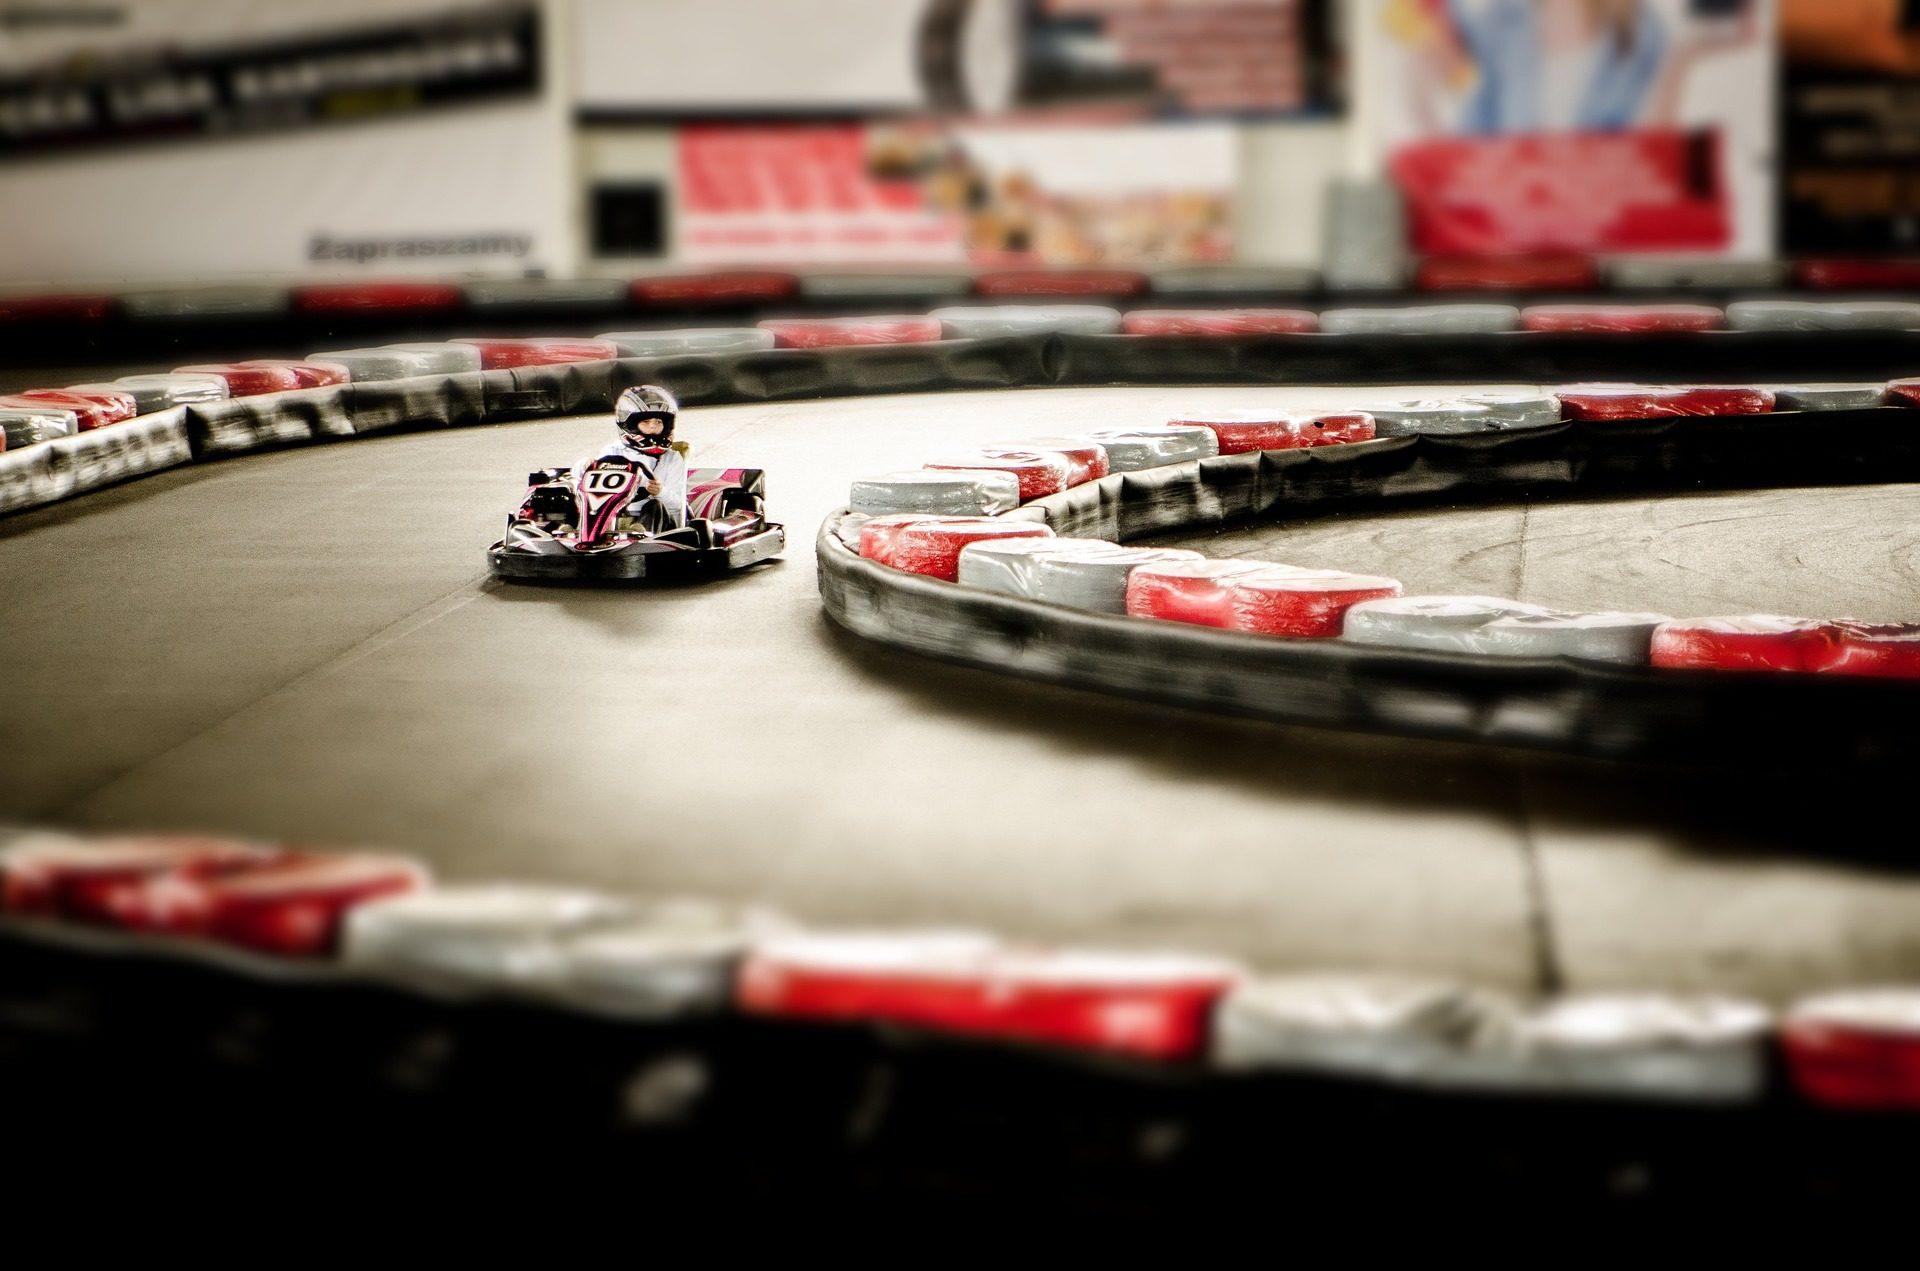 العربة, السيارات, سباق, المنافسة, متعة - خلفيات عالية الدقة - أستاذ falken.com